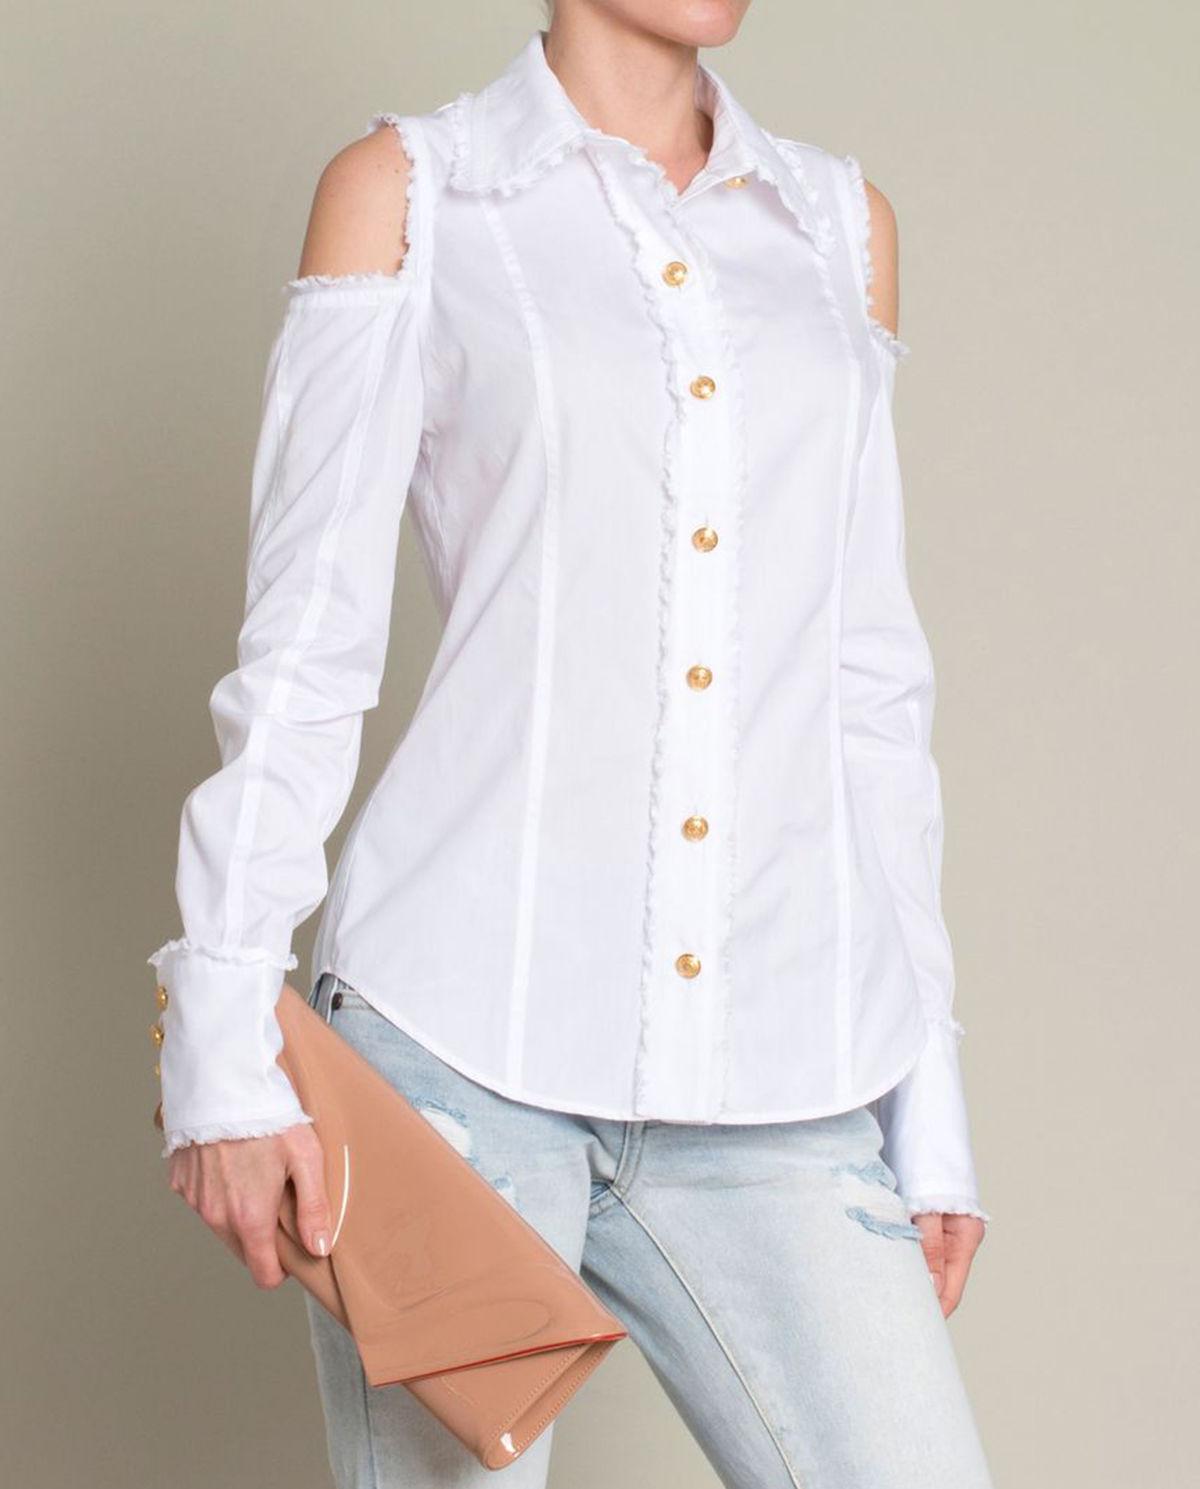 50d29c1384d555 Biała koszula BALMAIN – Kup Teraz! Najlepsze ceny i opinie! Sklep  Moliera2.com